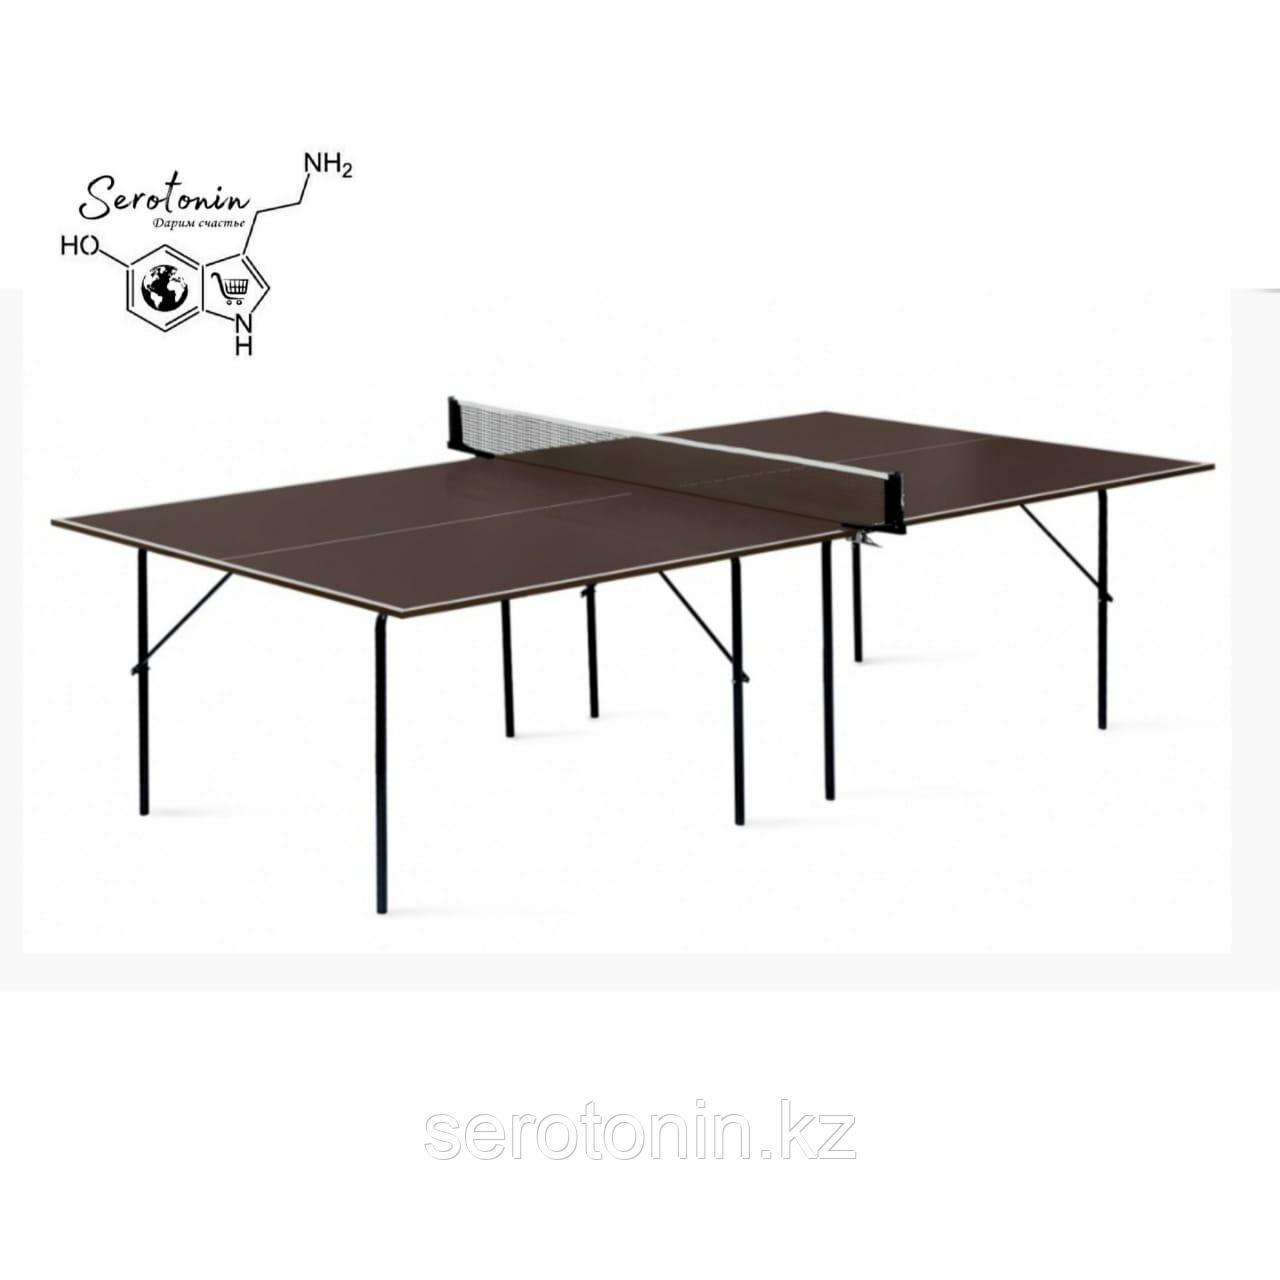 Теннисный стол Hobby-2 Outdoor